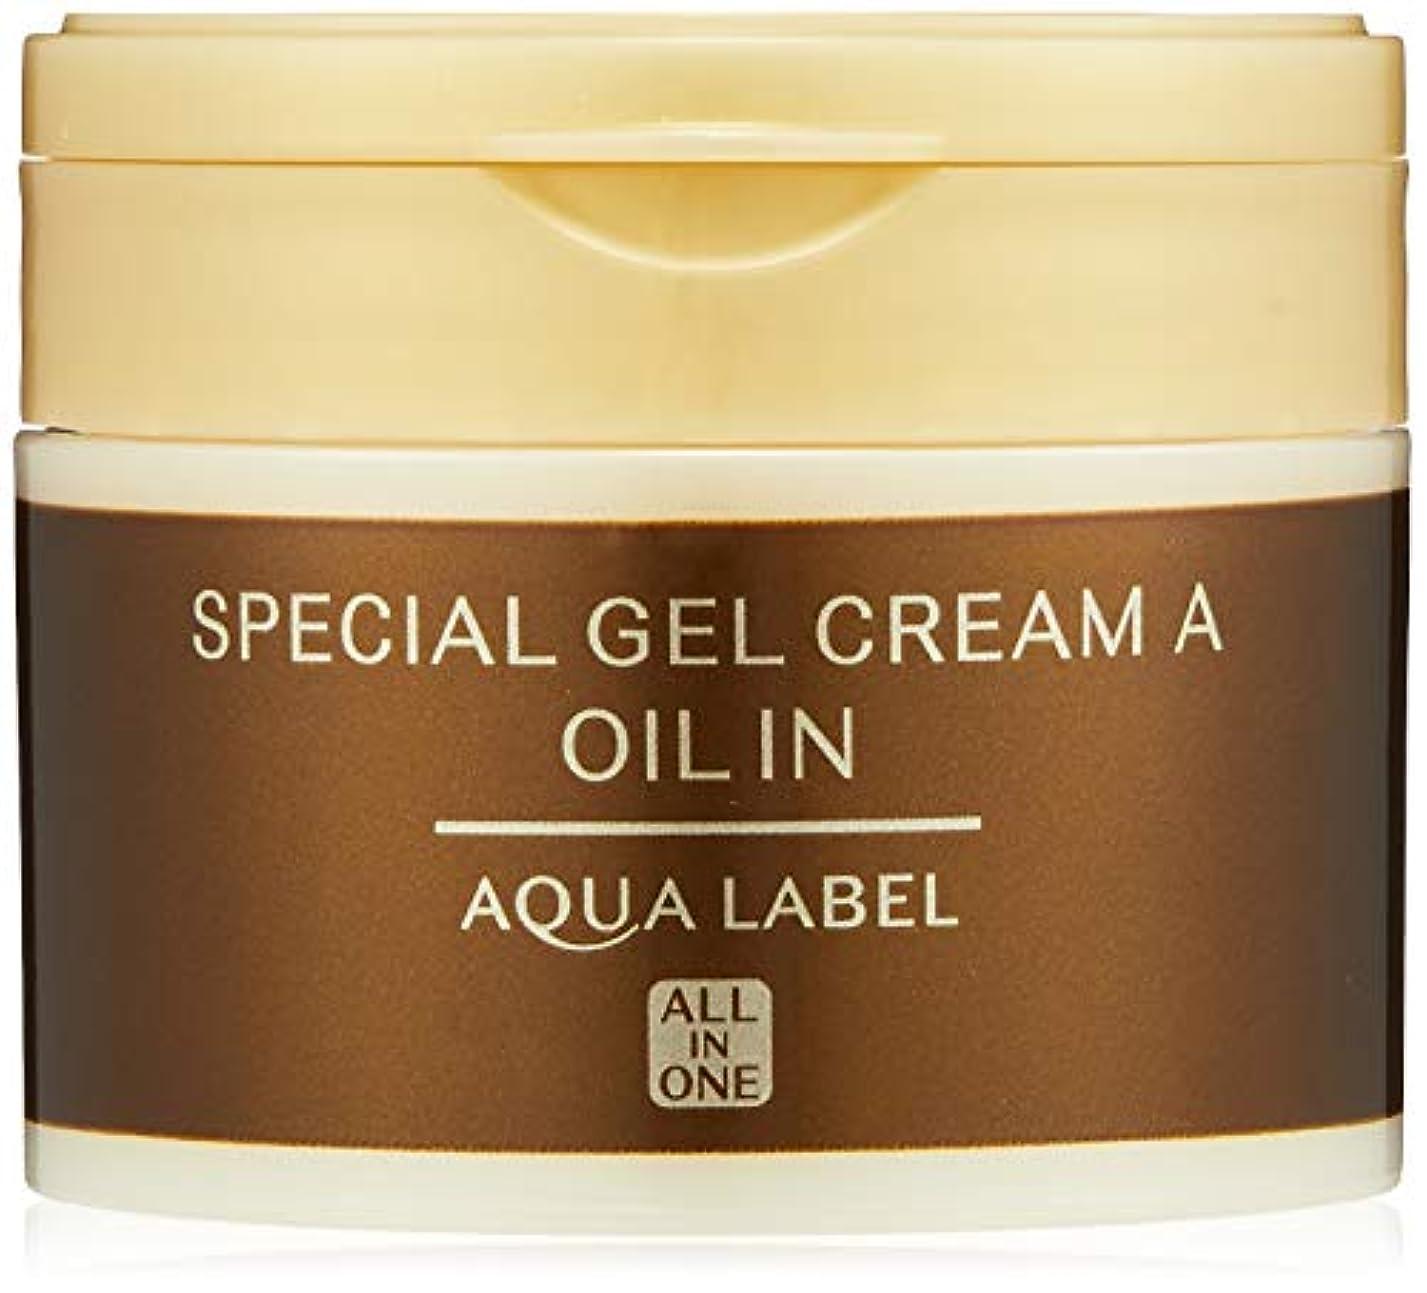 考古学絶滅クマノミAQUALABEL(アクアレーベル) アクアレーベル スペシャルジェルクリームA (オイルイン) ハーバルローズの優しい香り 単品 90g